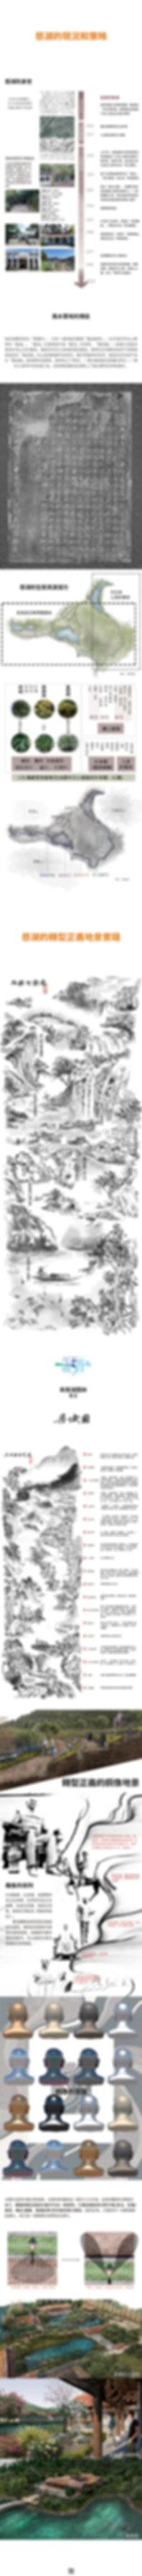 錯置的肖像-慈湖的轉型正義地景實踐-作品內容2.jpg